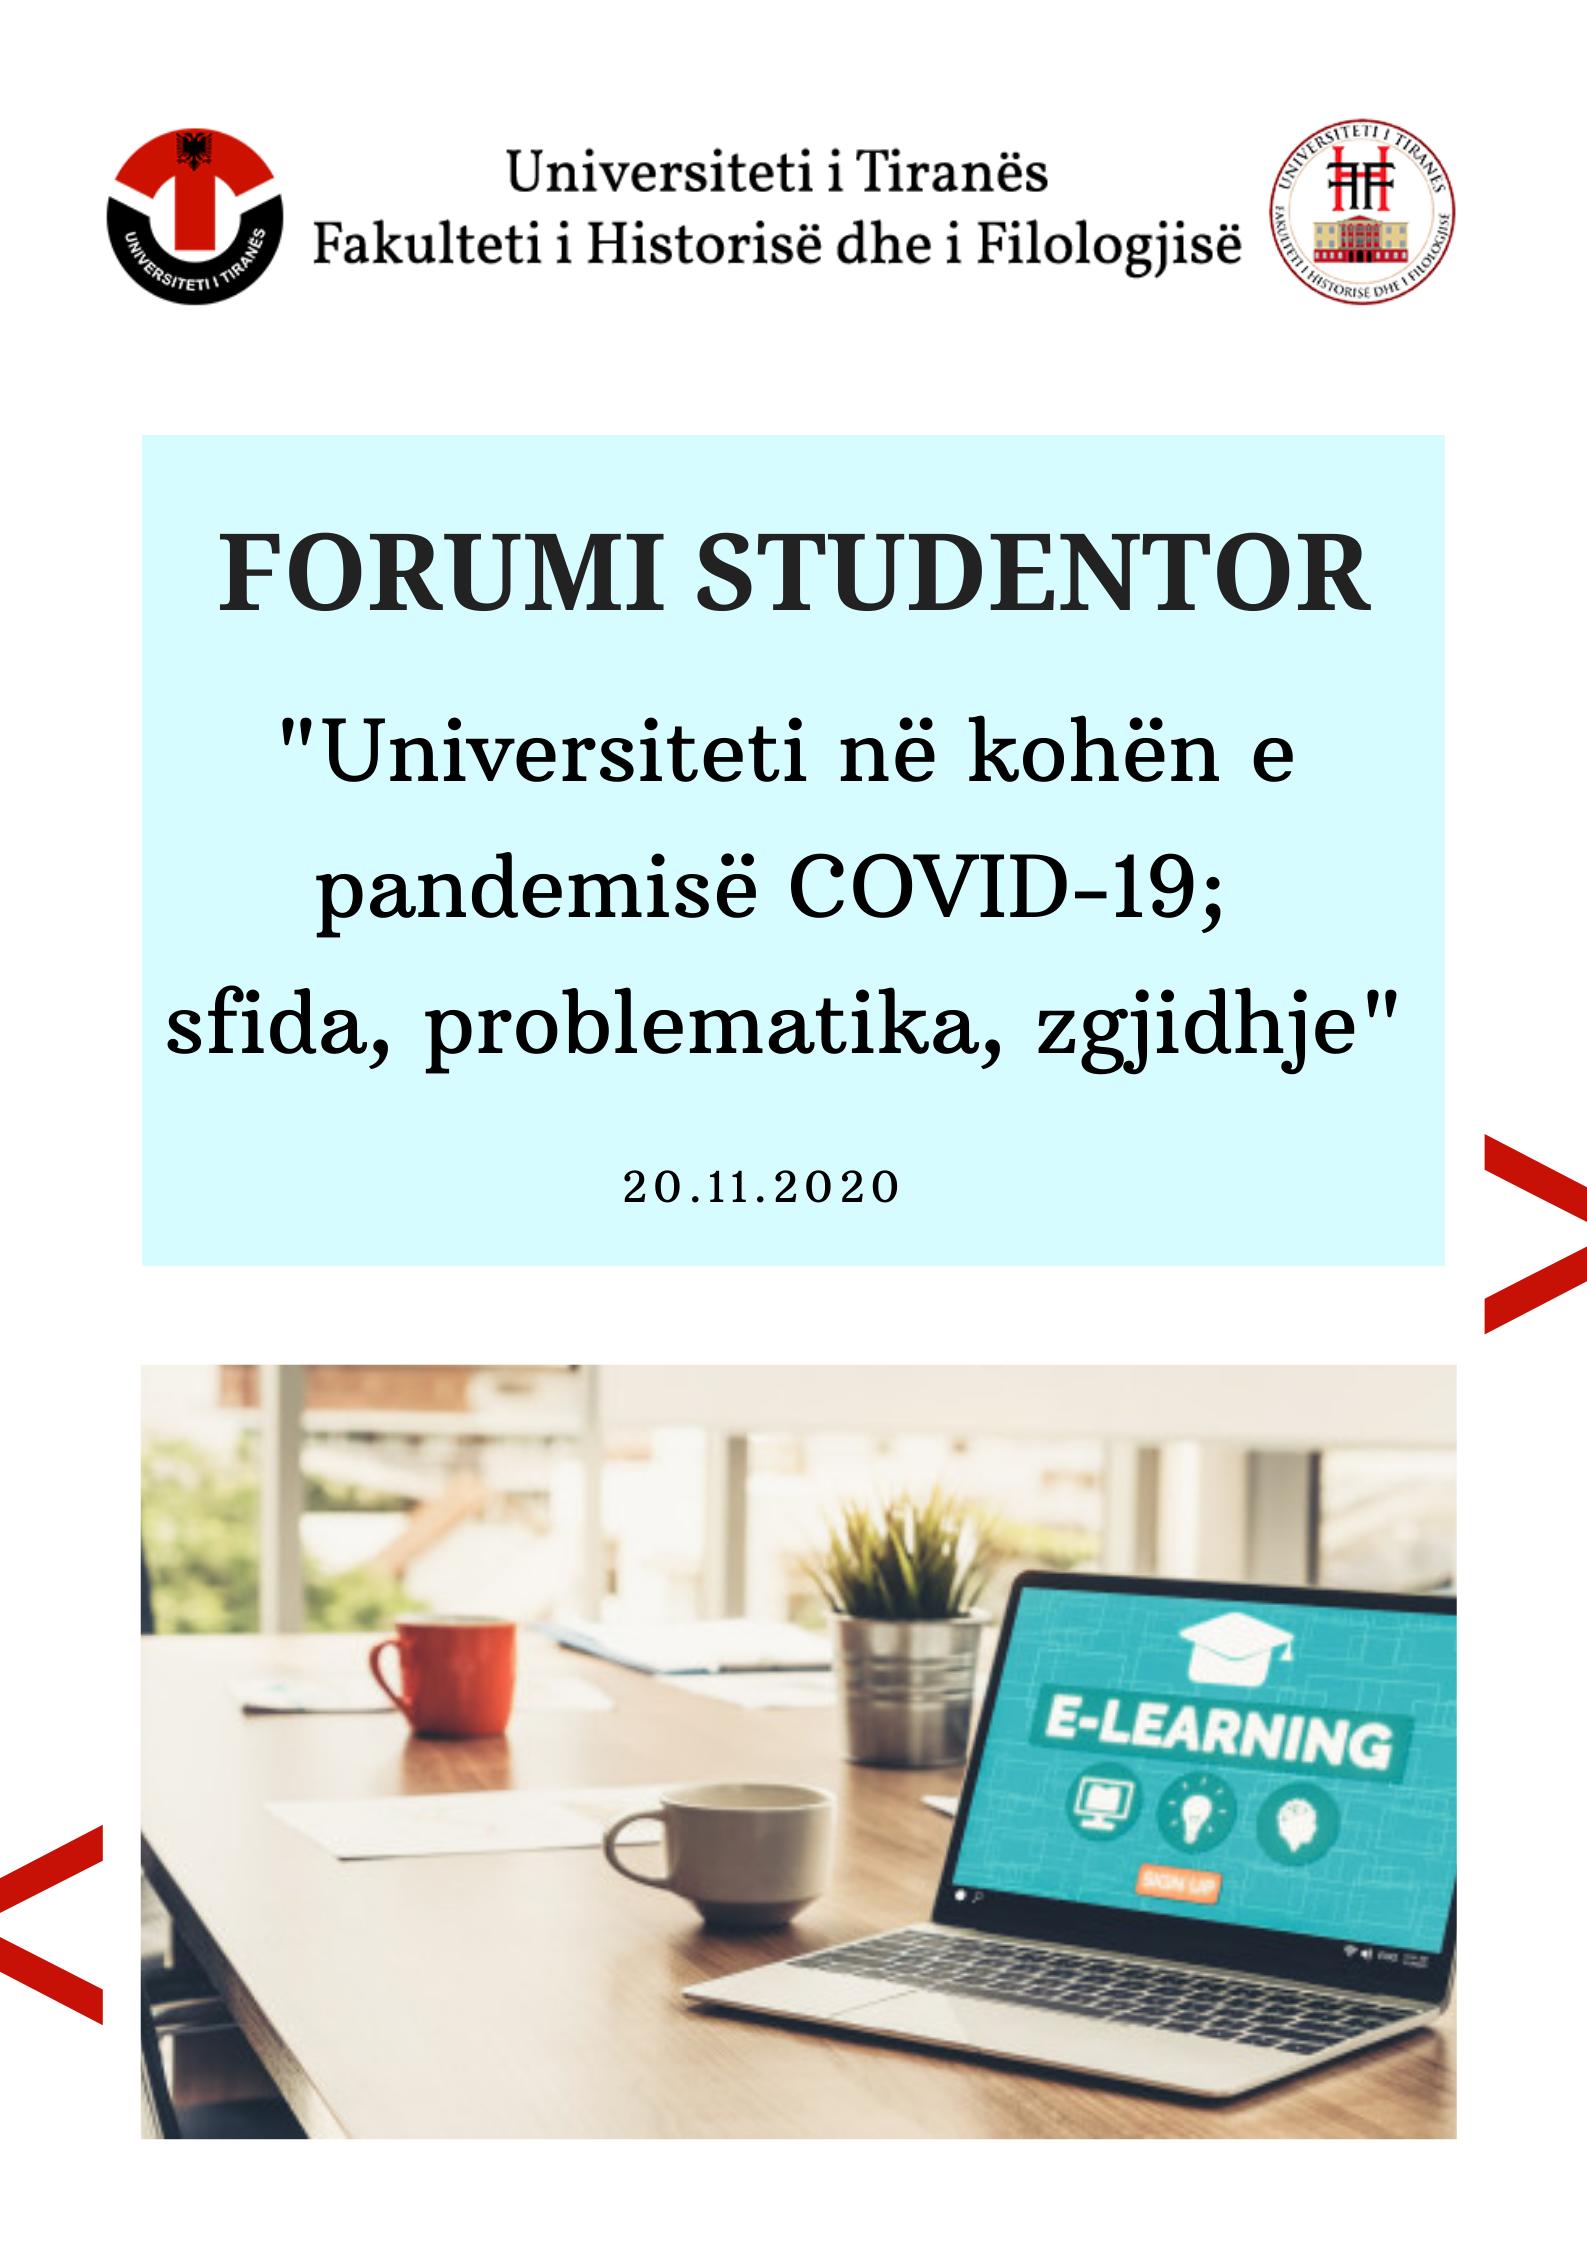 """Thirrje për pjesëmarrje: Forumi studentor me temë """"UNIVERSITETI NË KOHËN E PANDEMISË COVID-19: sfida, problematika, zgjidhje"""""""